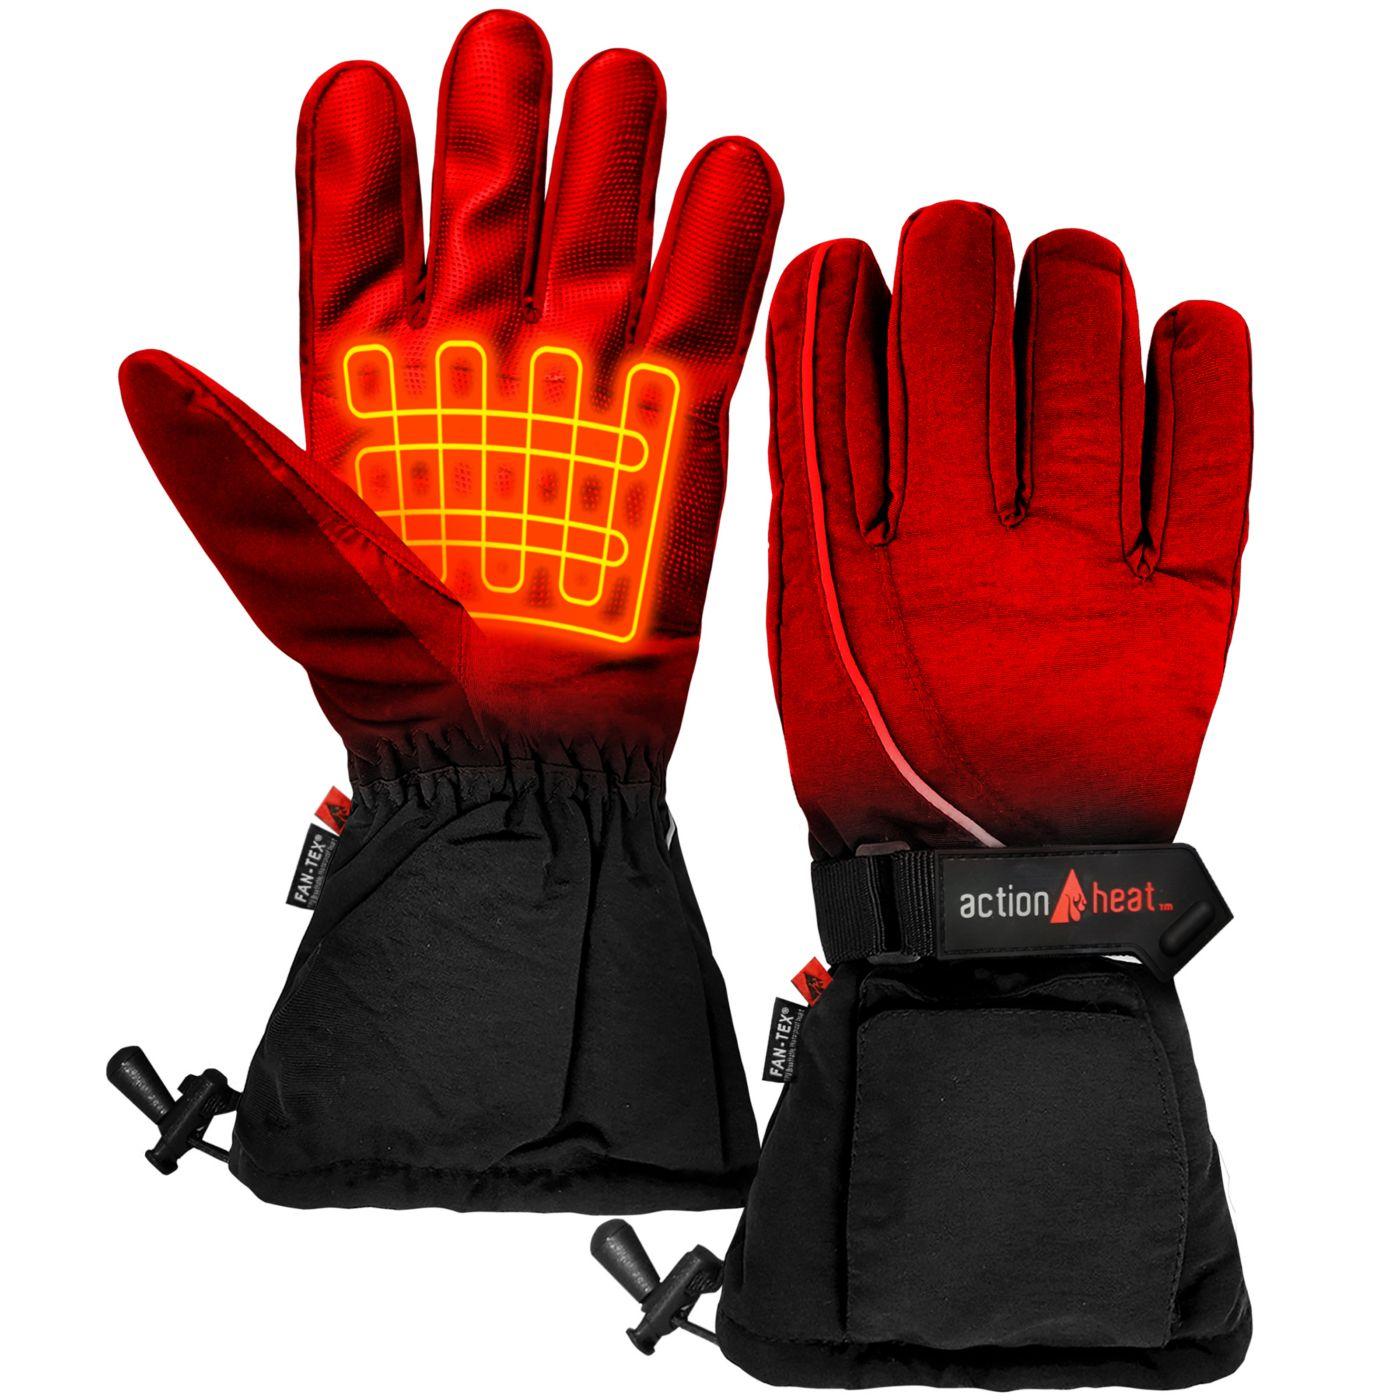 ActionHeat Women's AA Battery Heated Gloves